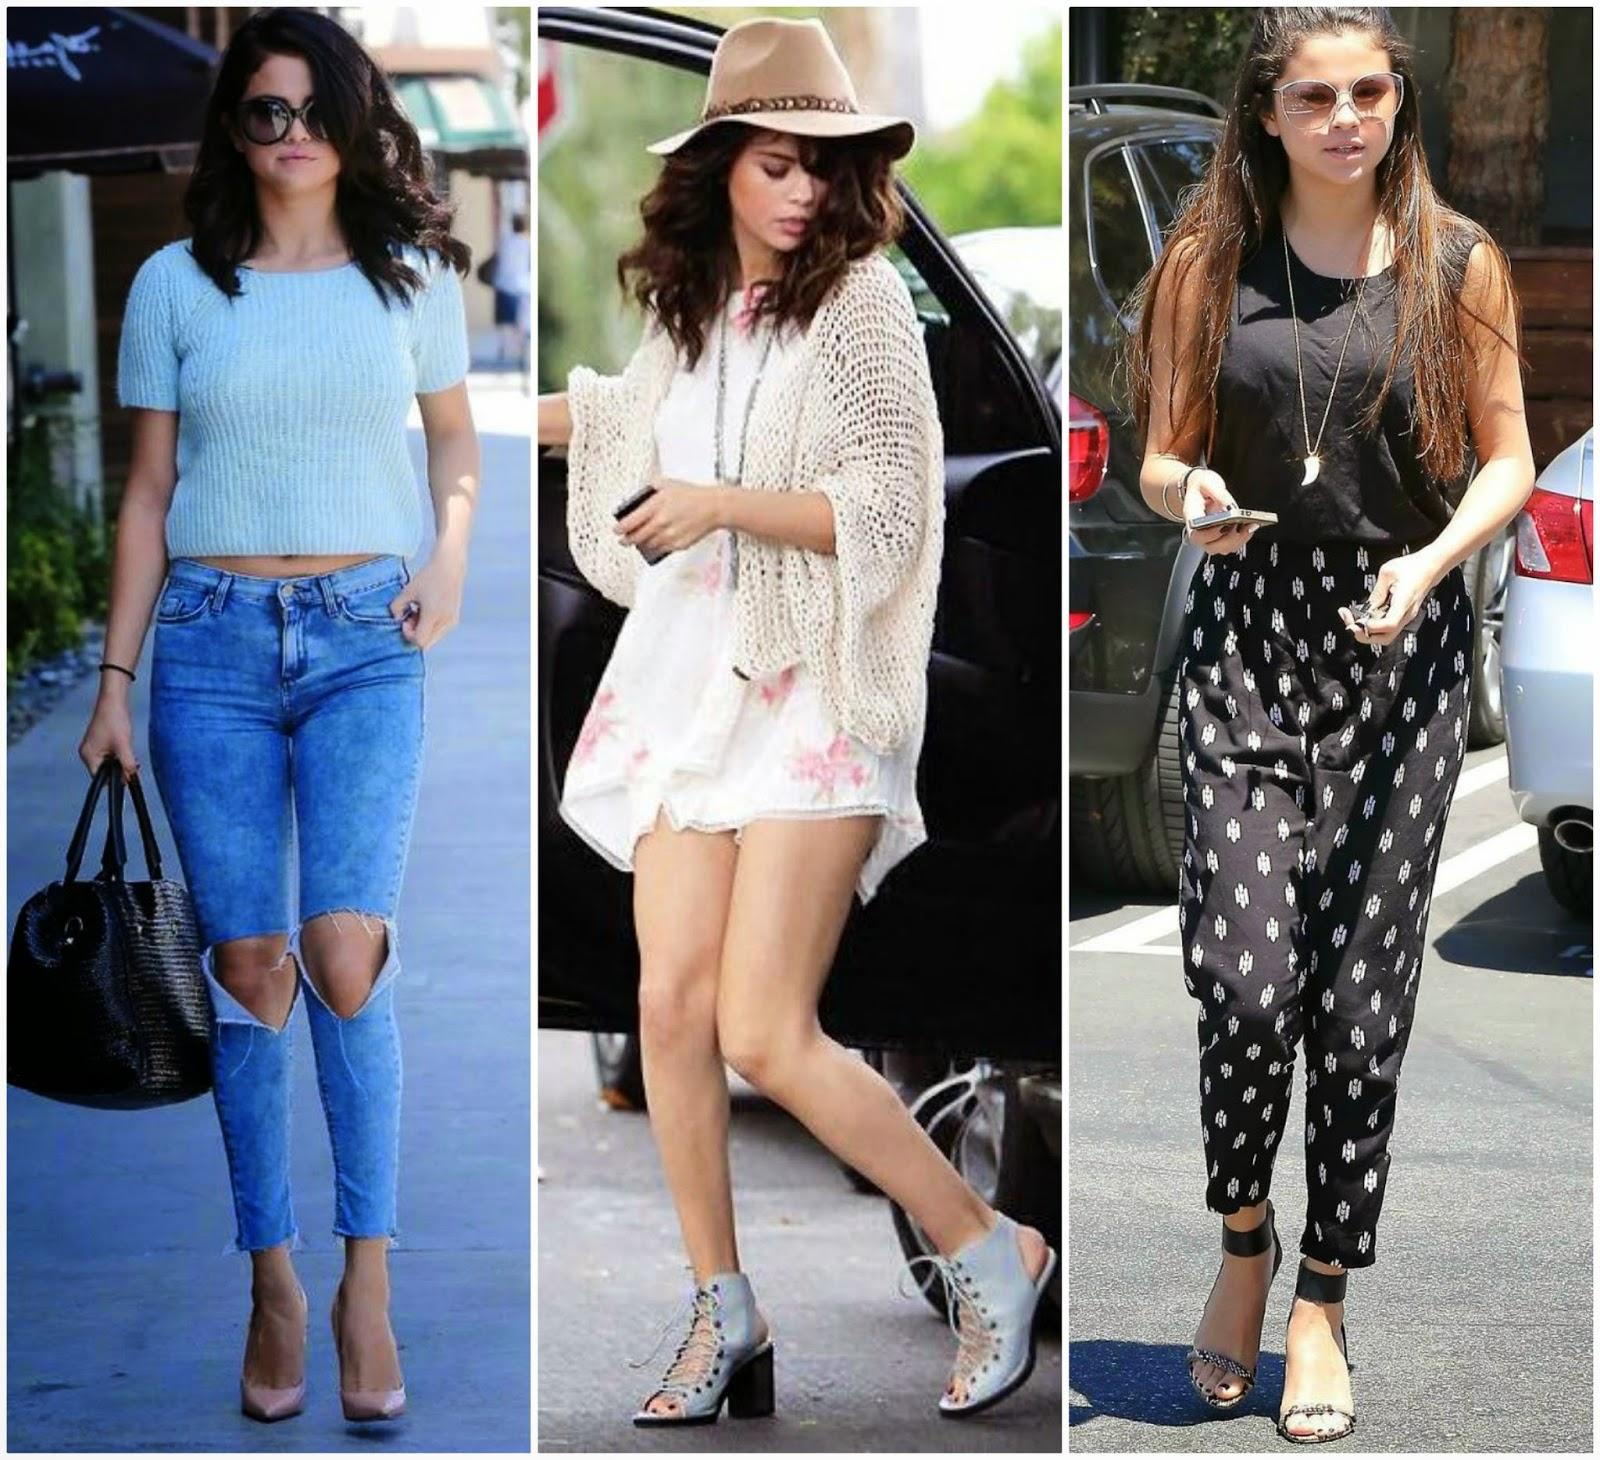 Selena Gomez 街, 街道 Style